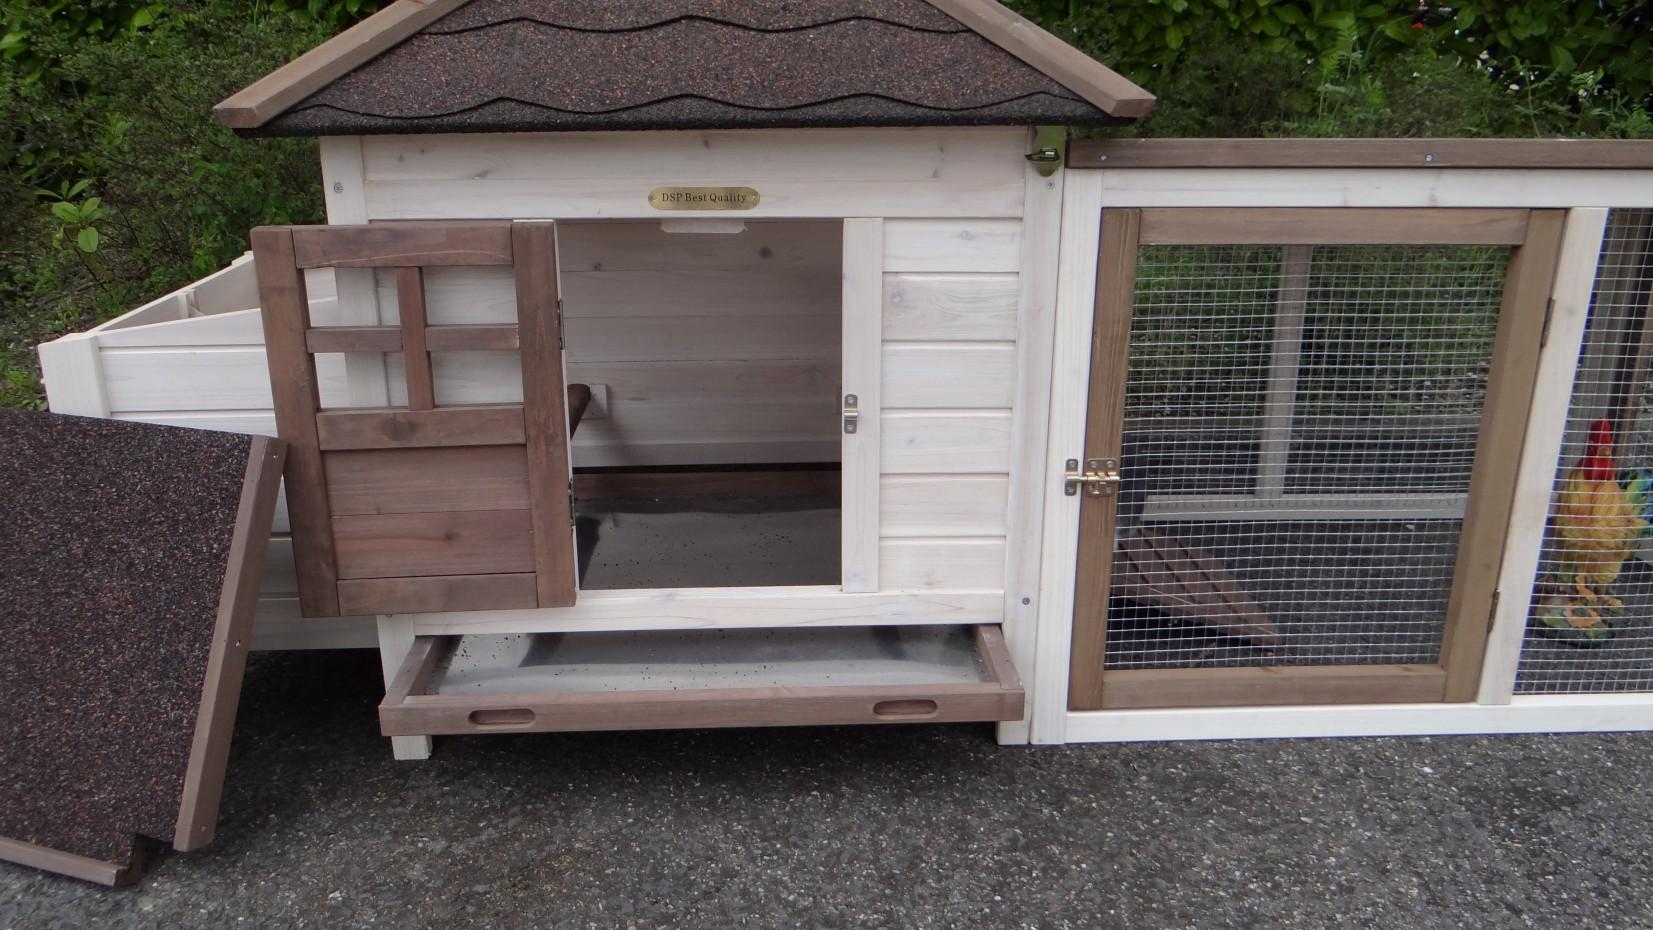 h hnerstall ambiance small und auslauf mit dachpappe. Black Bedroom Furniture Sets. Home Design Ideas